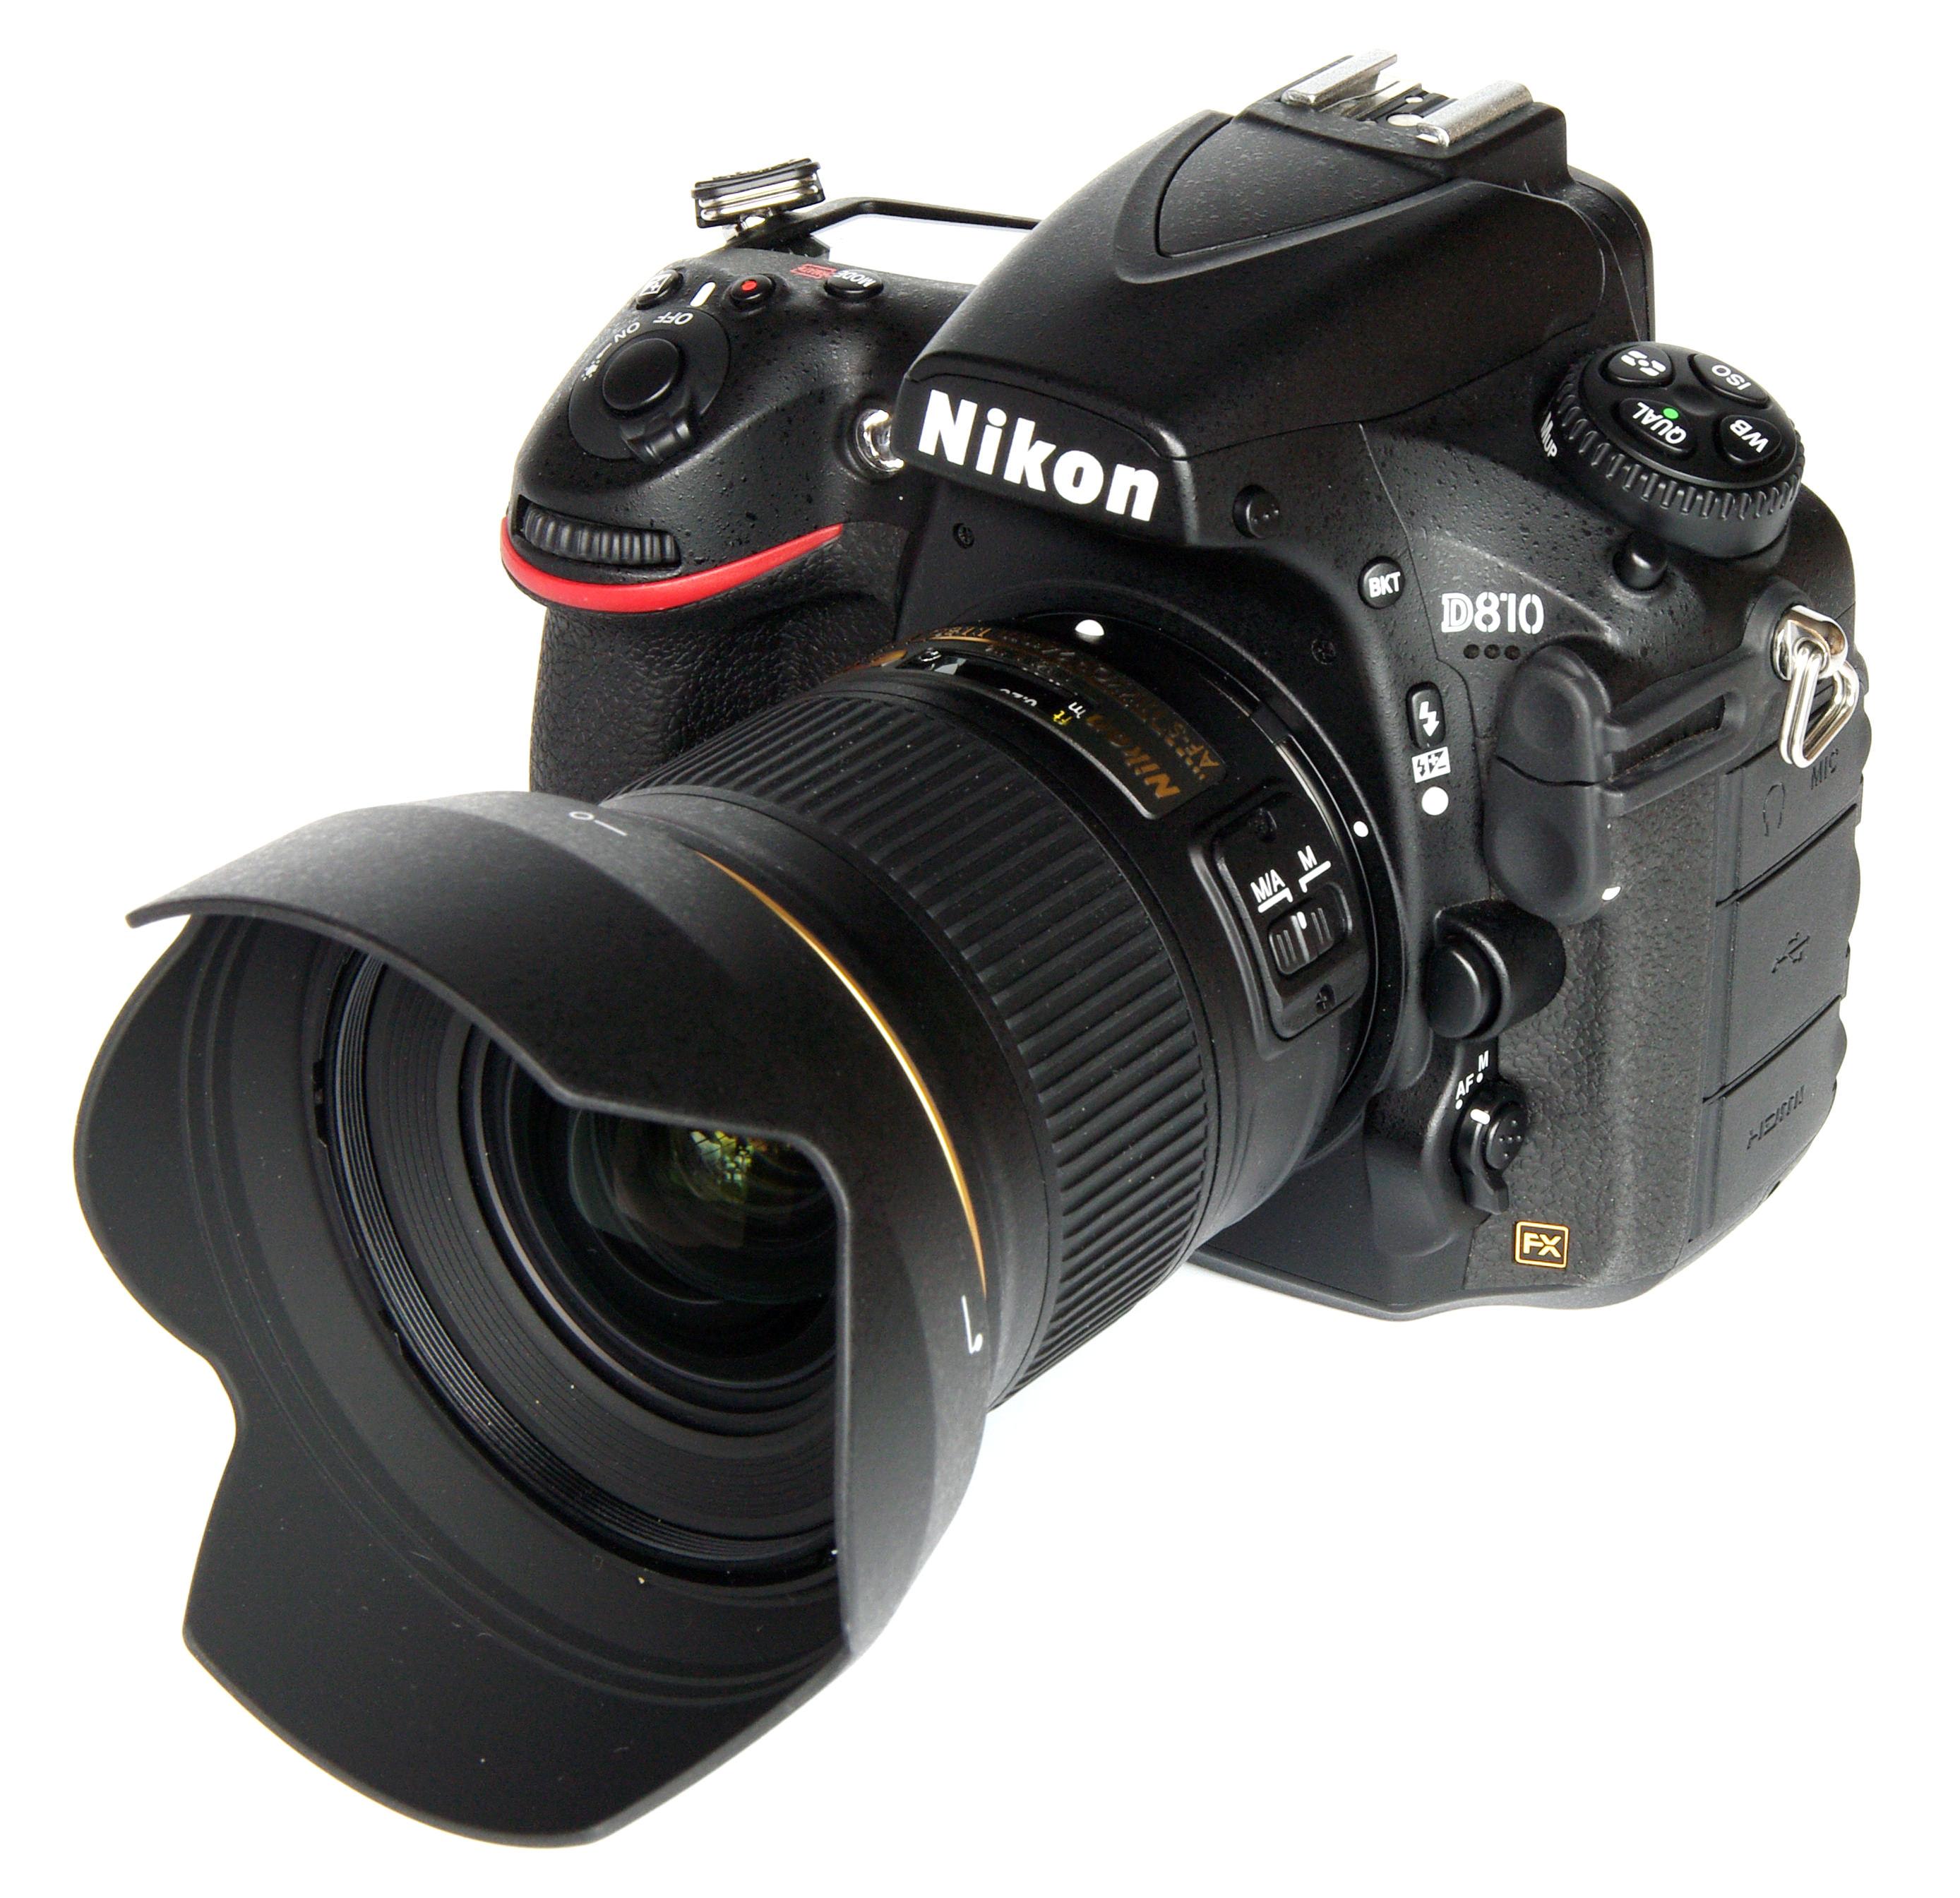 Nikon AF-S NIKKOR 24mm f/1.8G ED Lens Review | ePHOTOzine